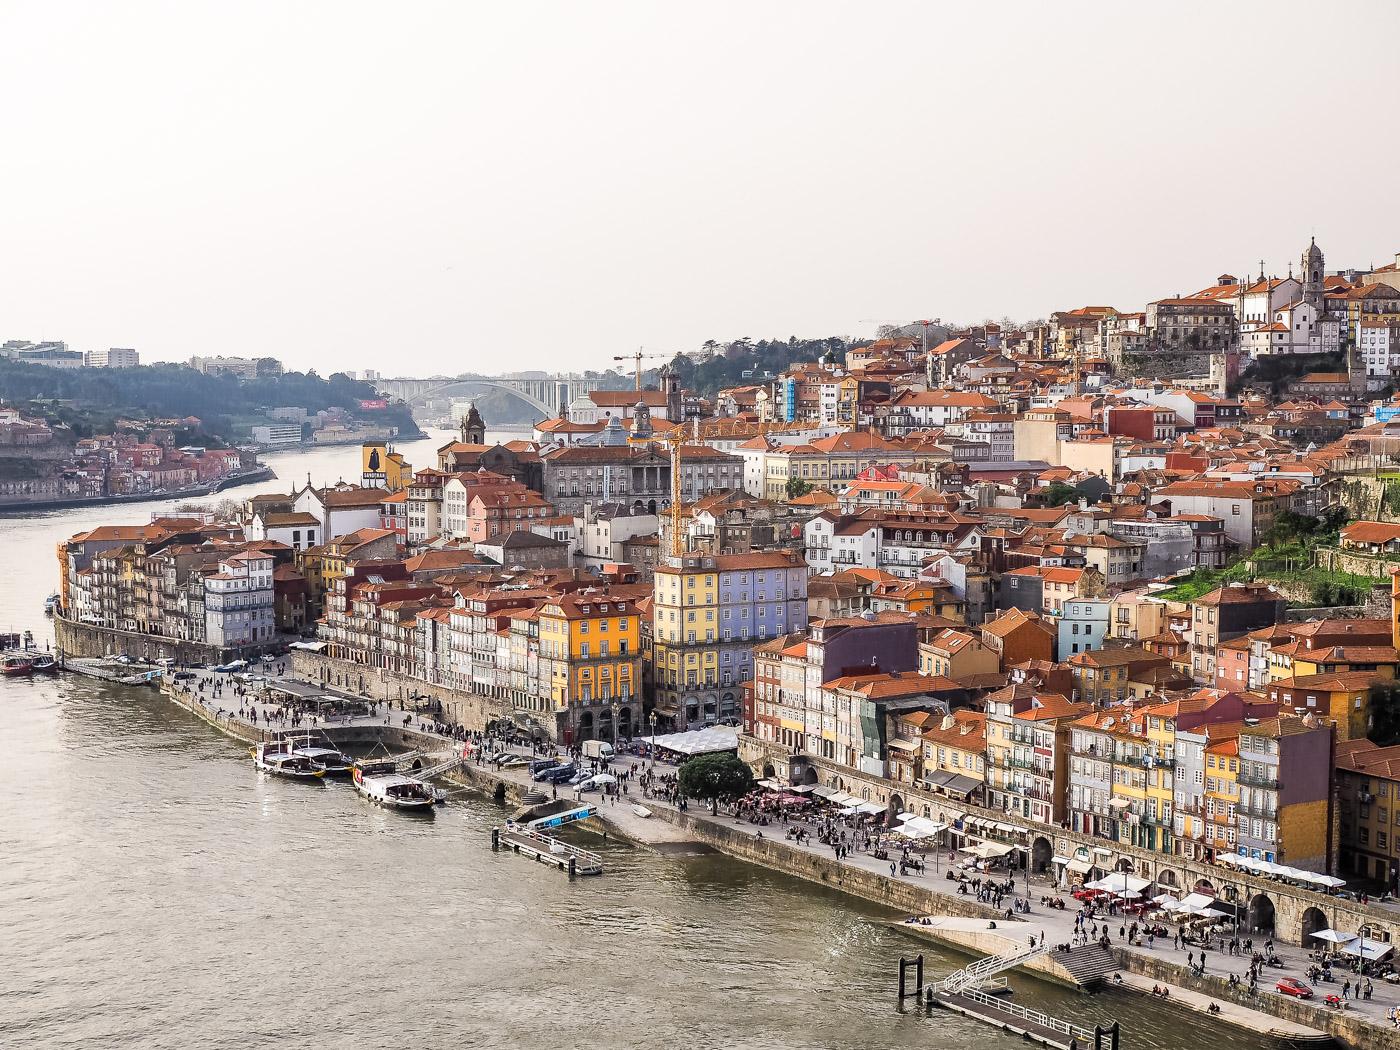 Mooiste plekken portugal